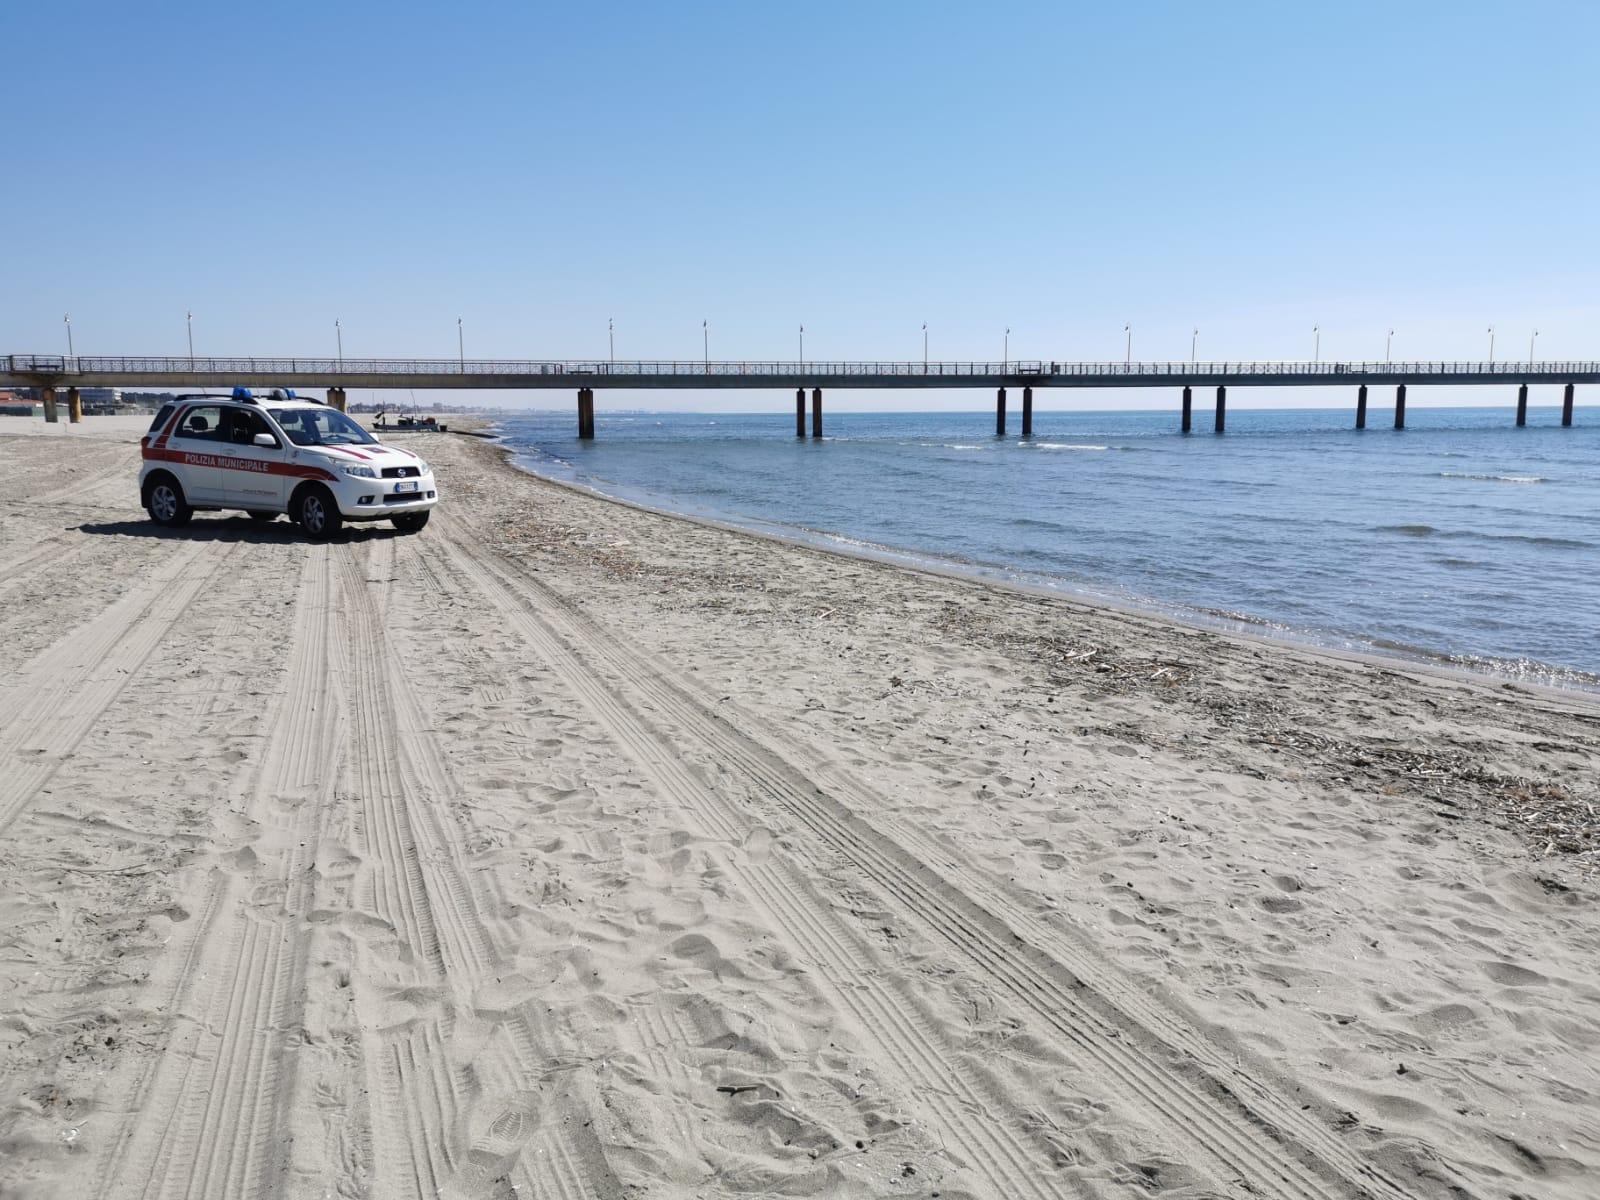 Covid 19, spiaggia deserta a Marina di Pietrasanta: la Municipale presidia l'arenile (VIDEO)